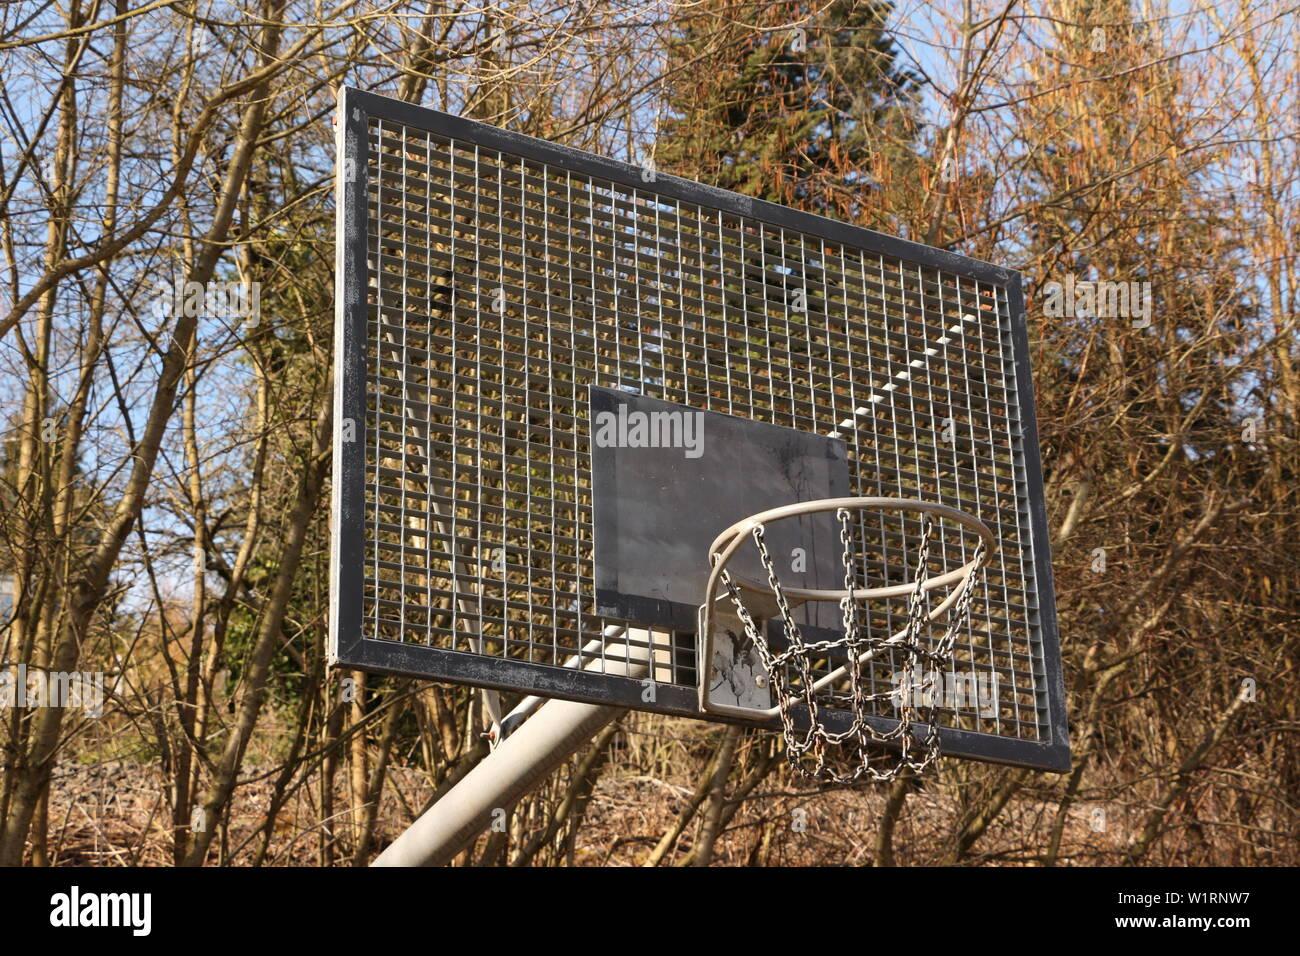 Basketballkorb aus Metall im Zentrum der Stadt Alzenau in Bayern - Stock Image